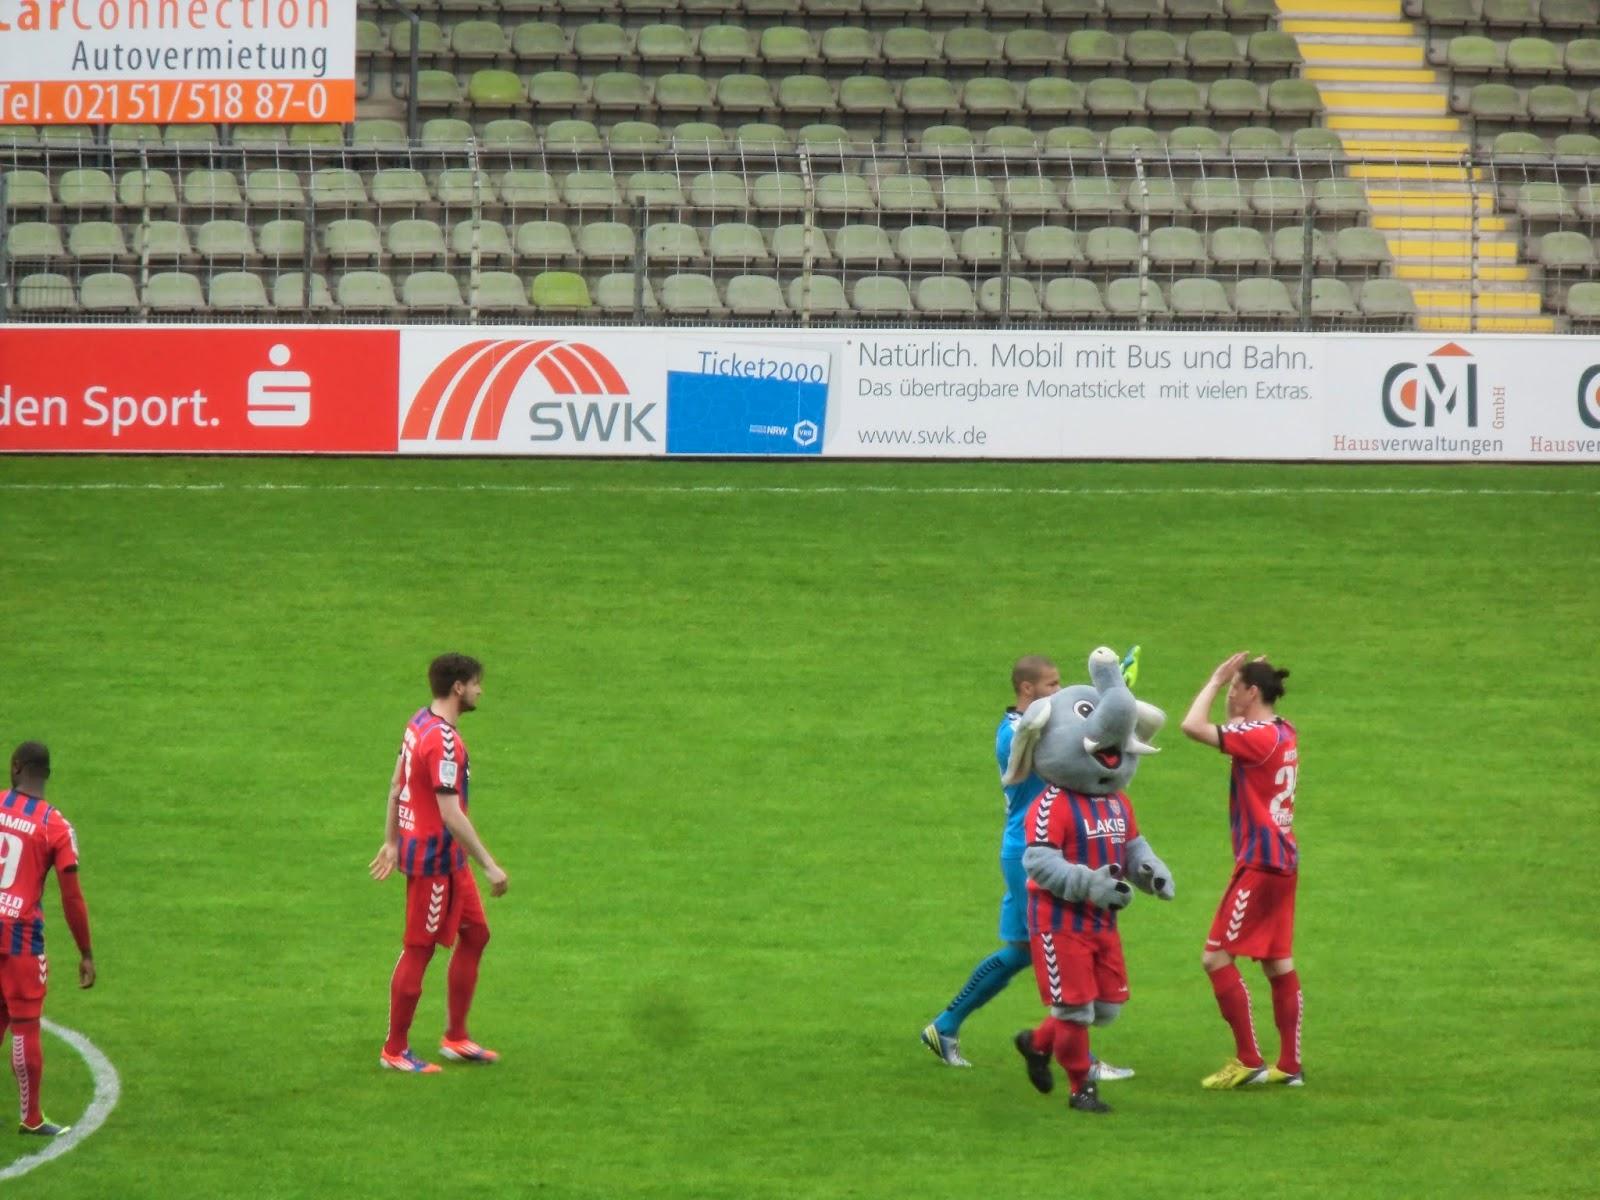 Trio in voetbalstadion